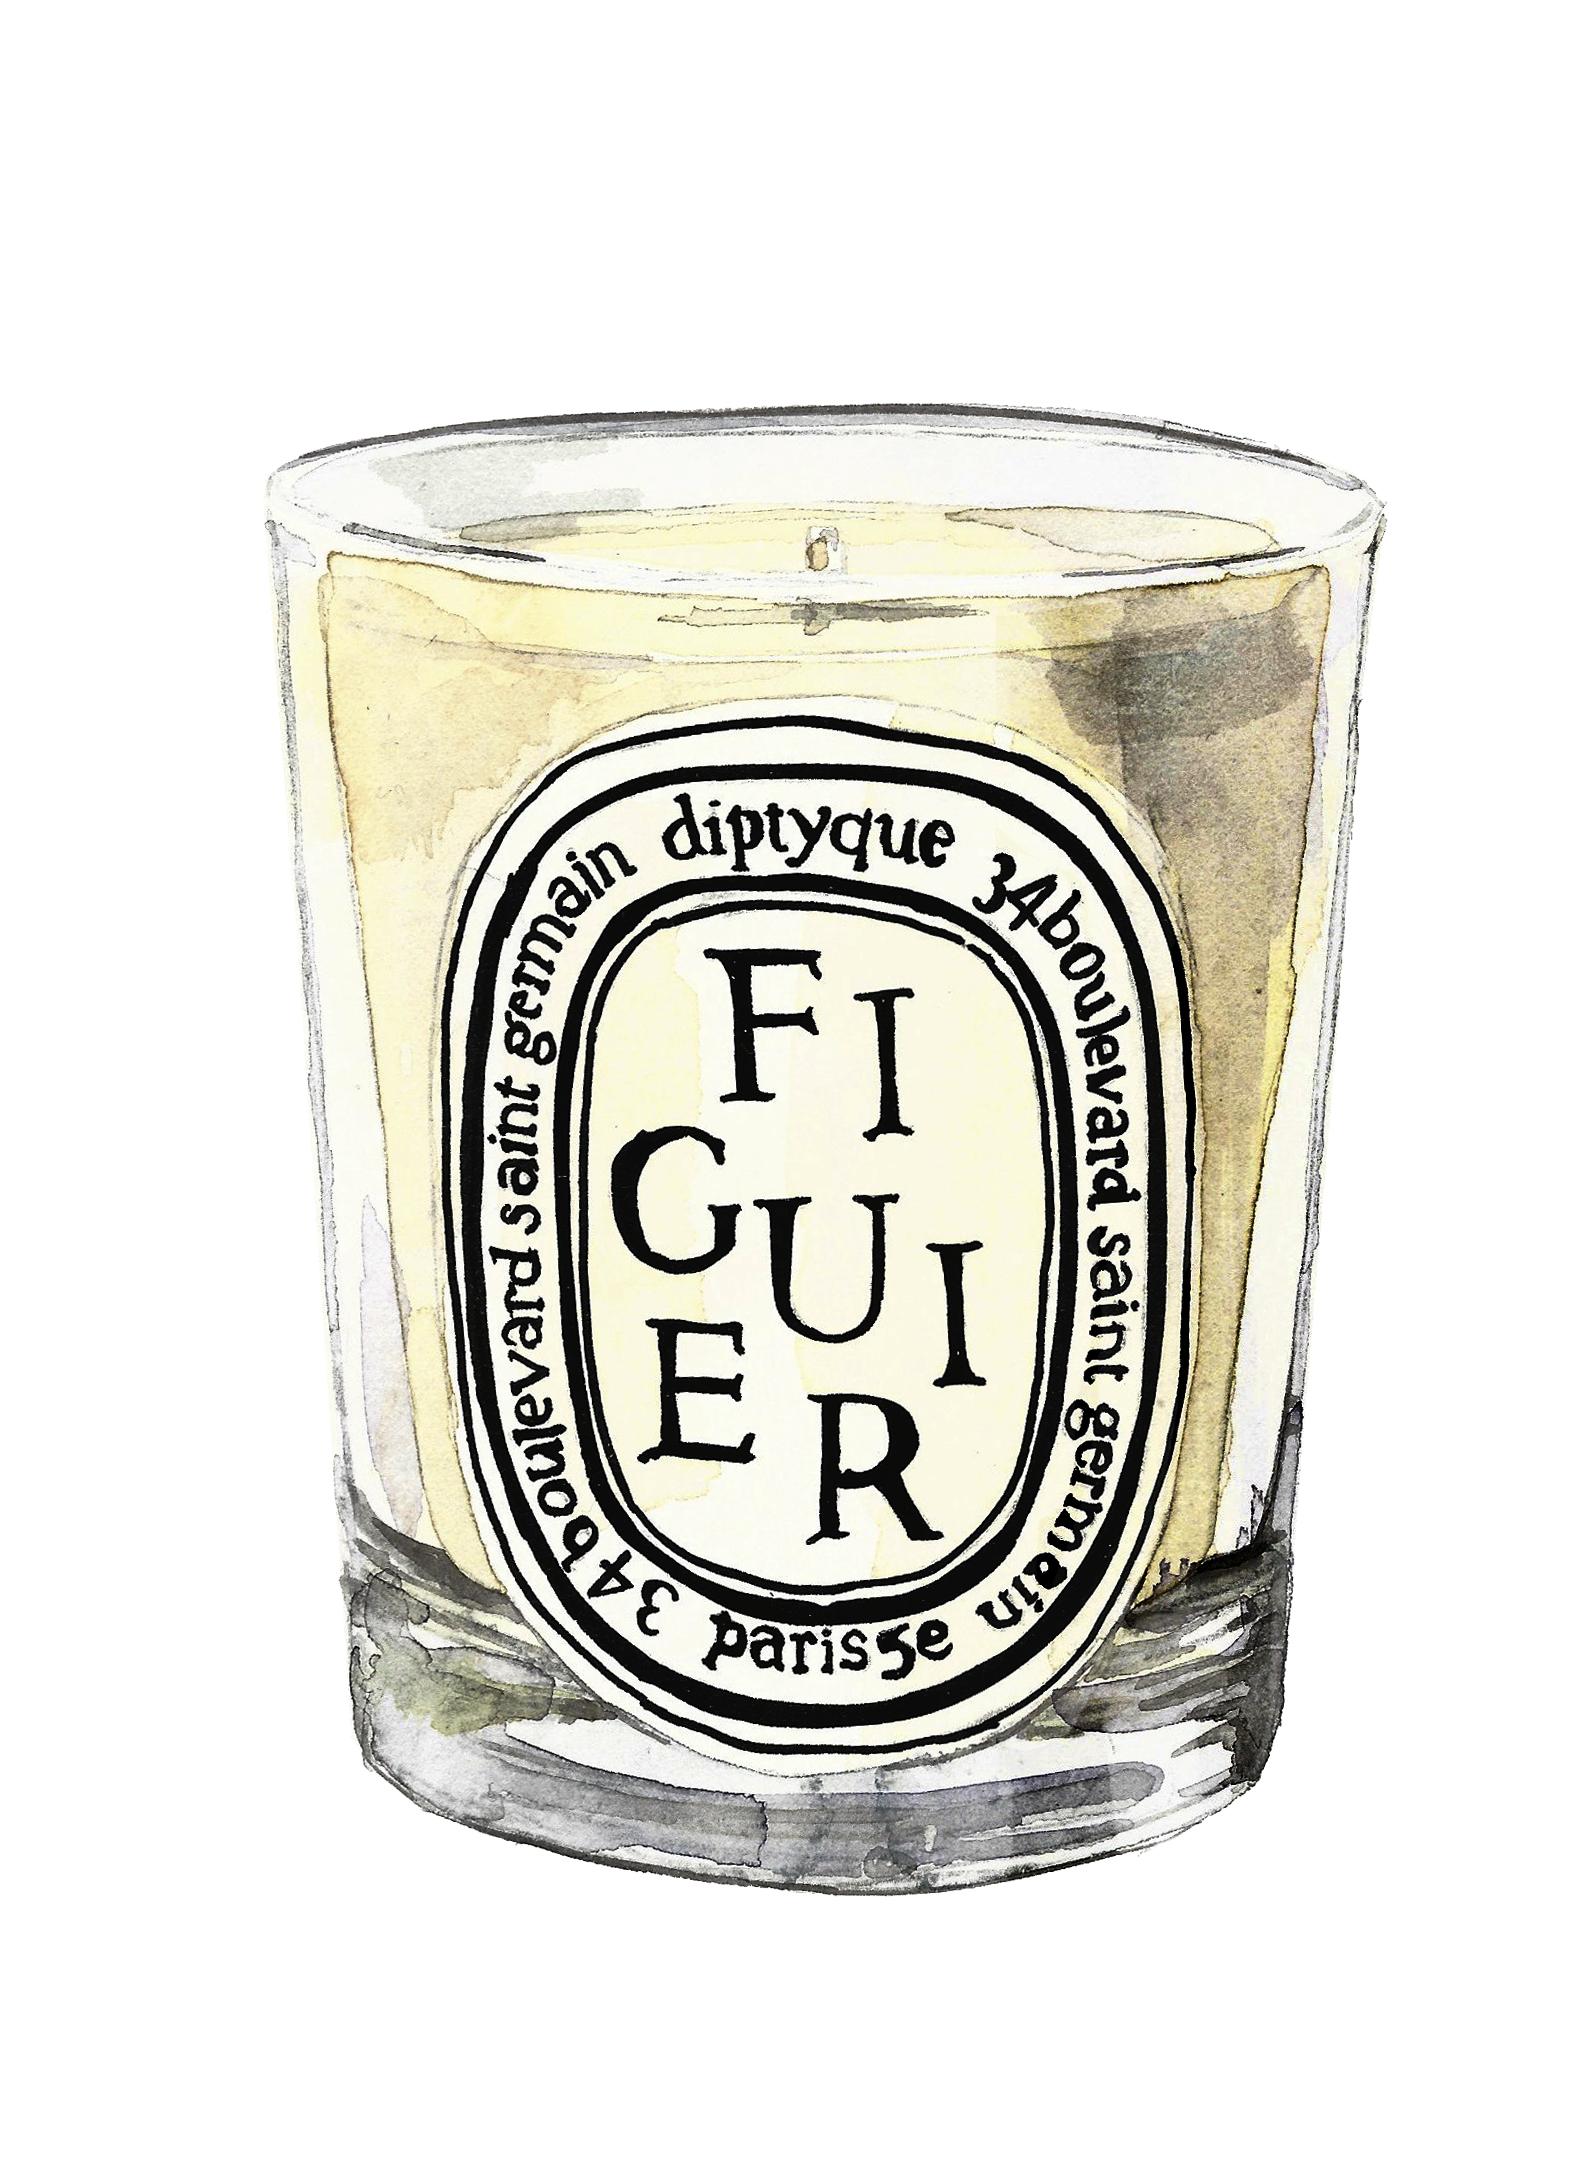 Candle Diptique